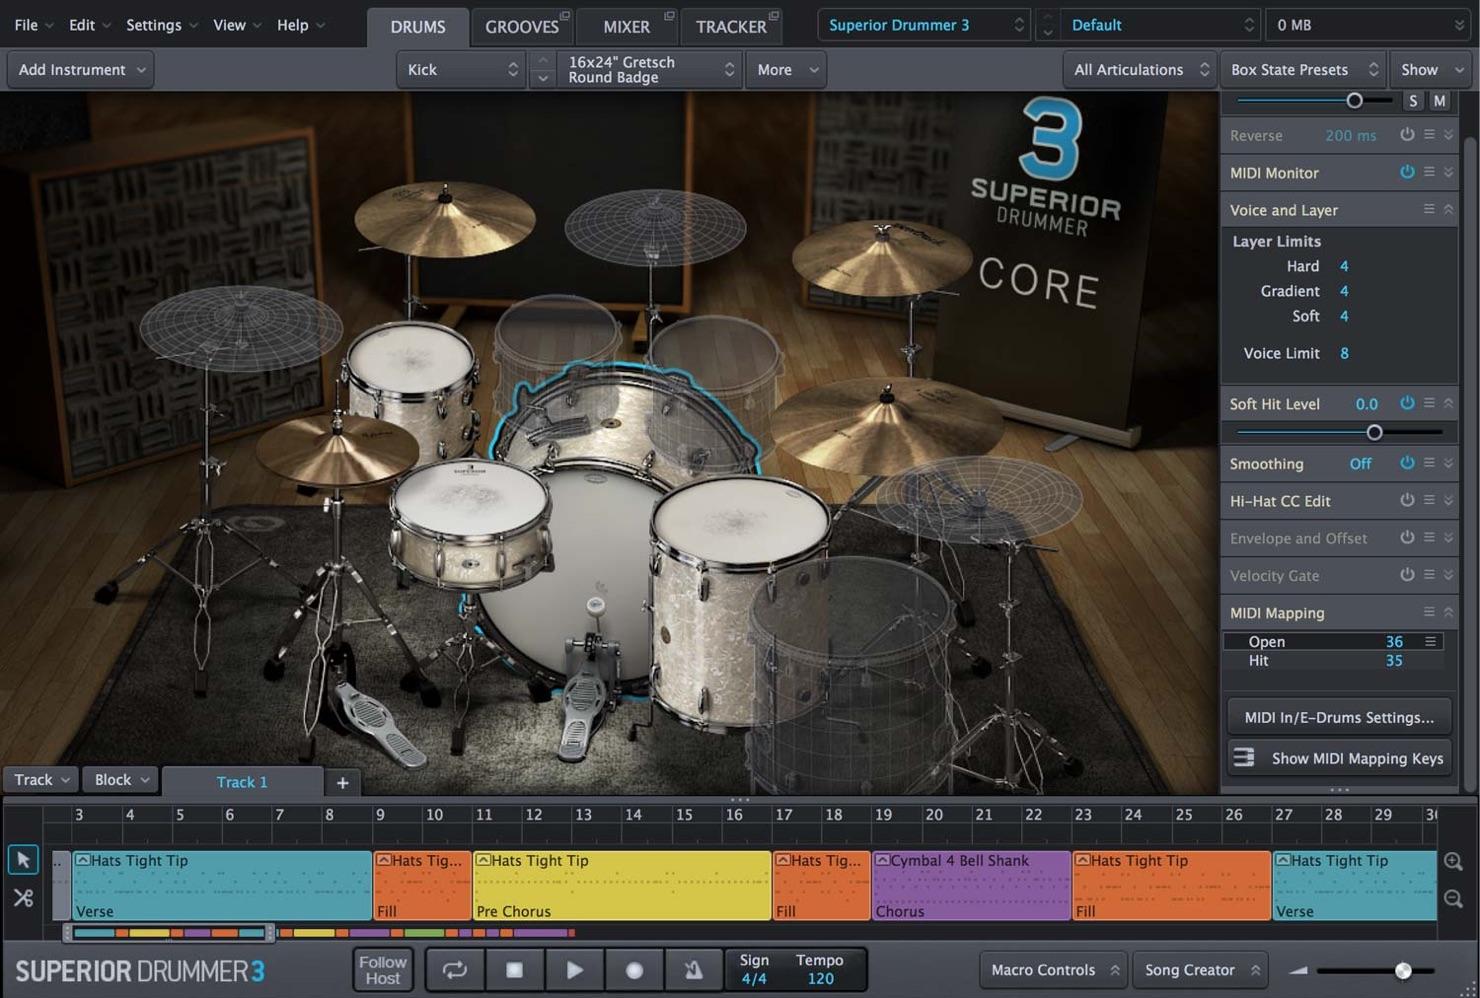 サウンド容量は圧巻の235GB!「SUPERIOR DRUMMER 3」が発売されました